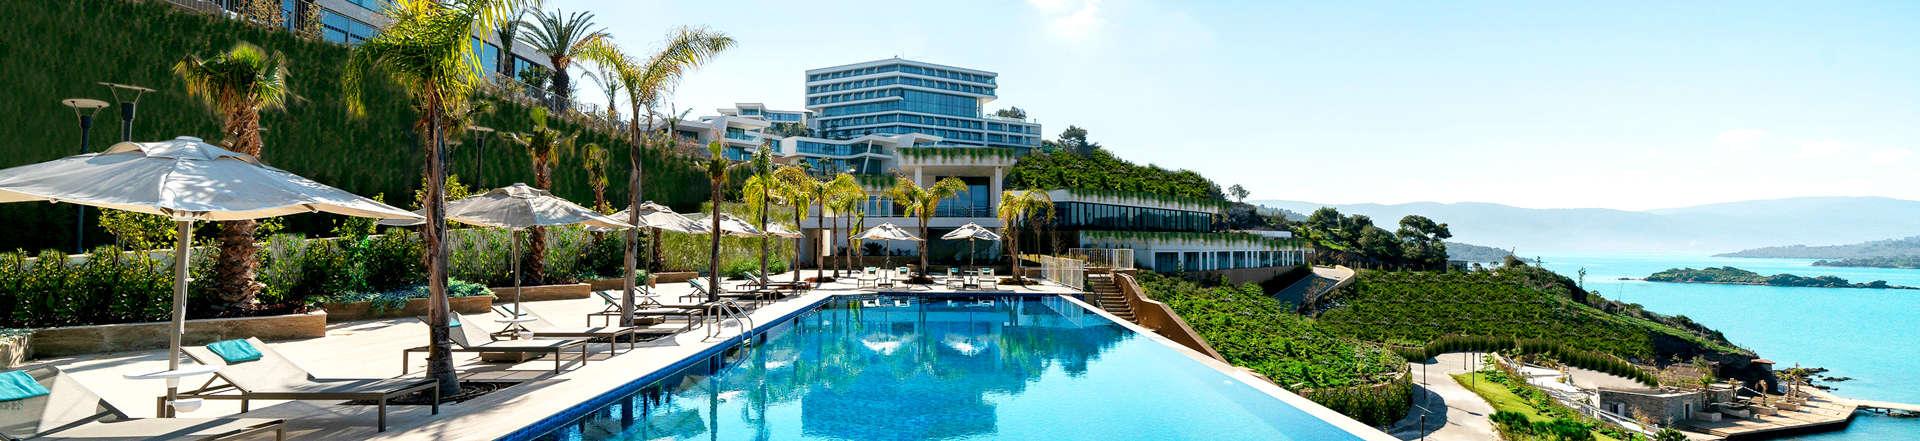 Résidence avec piscine bleue et vue sur la mer